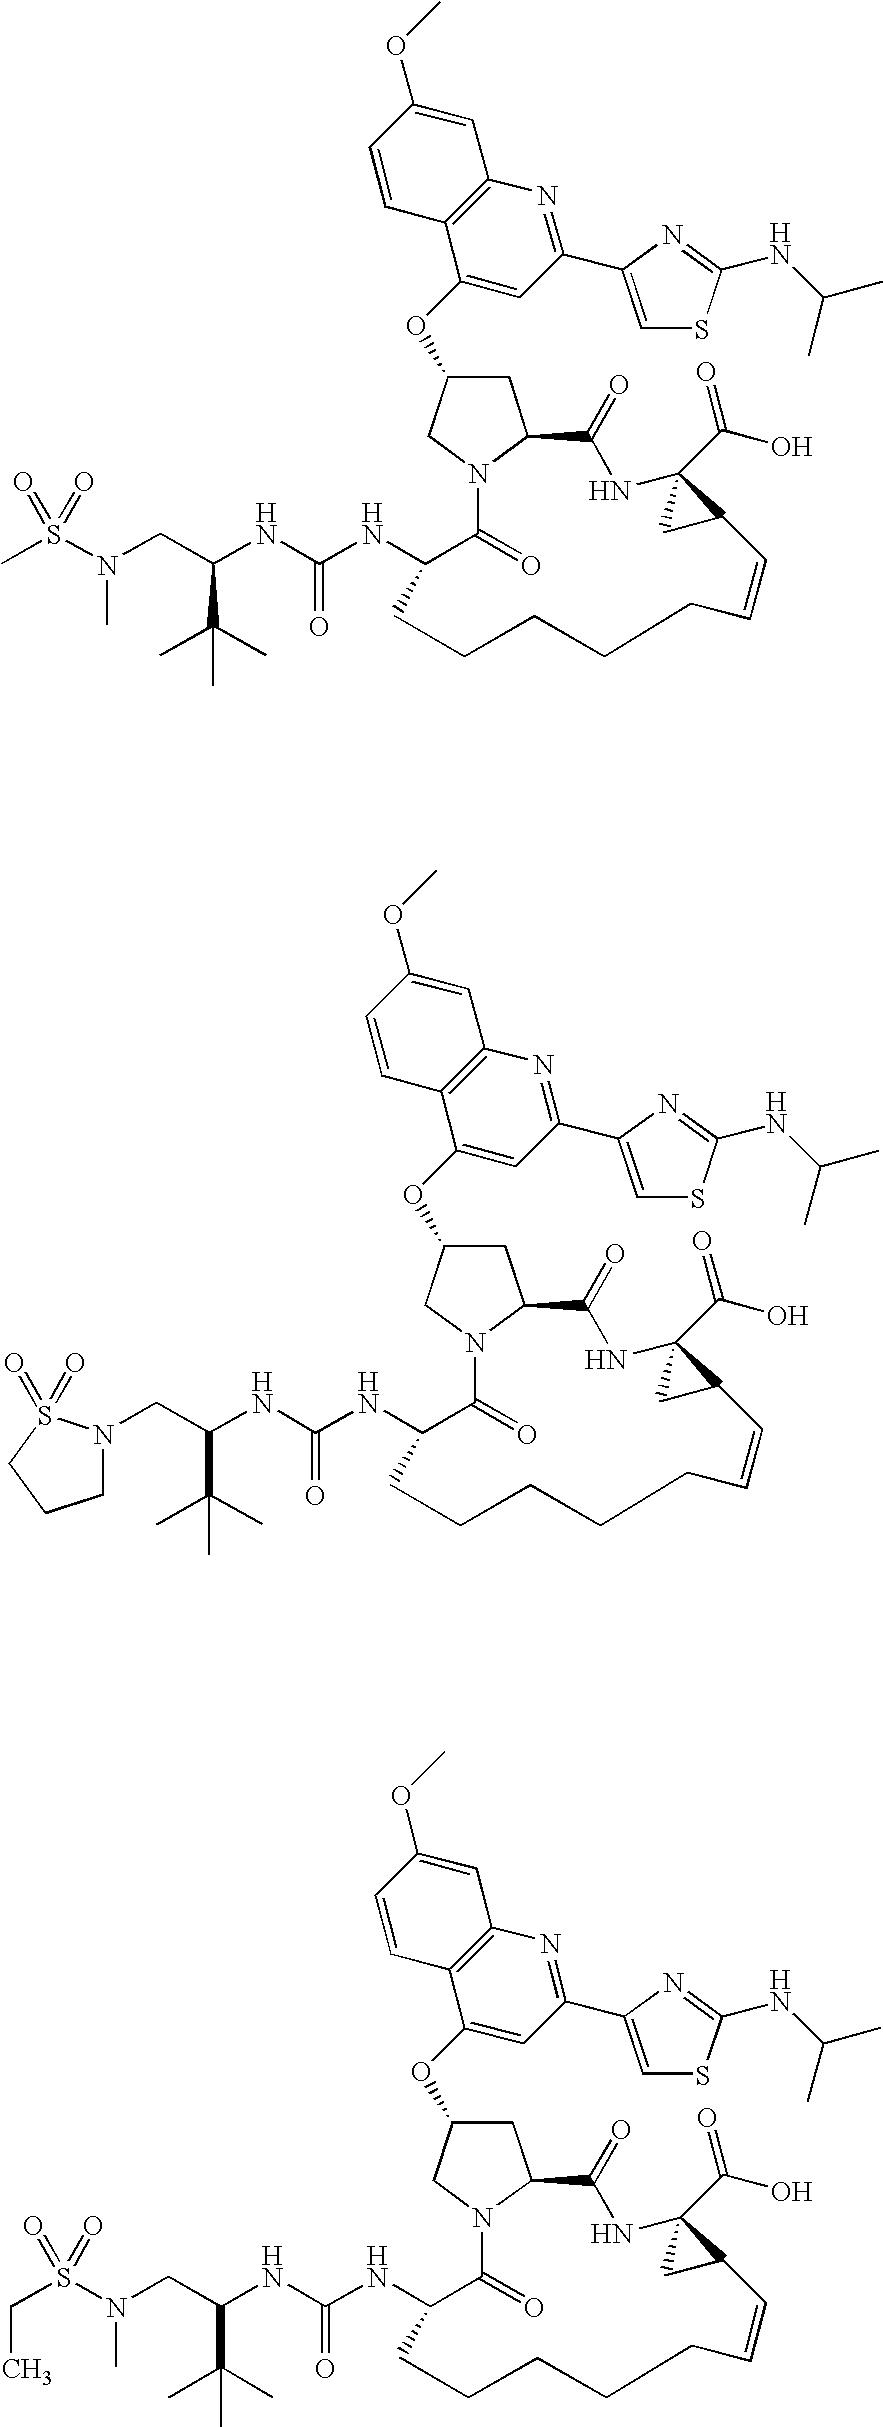 Figure US20060287248A1-20061221-C00160